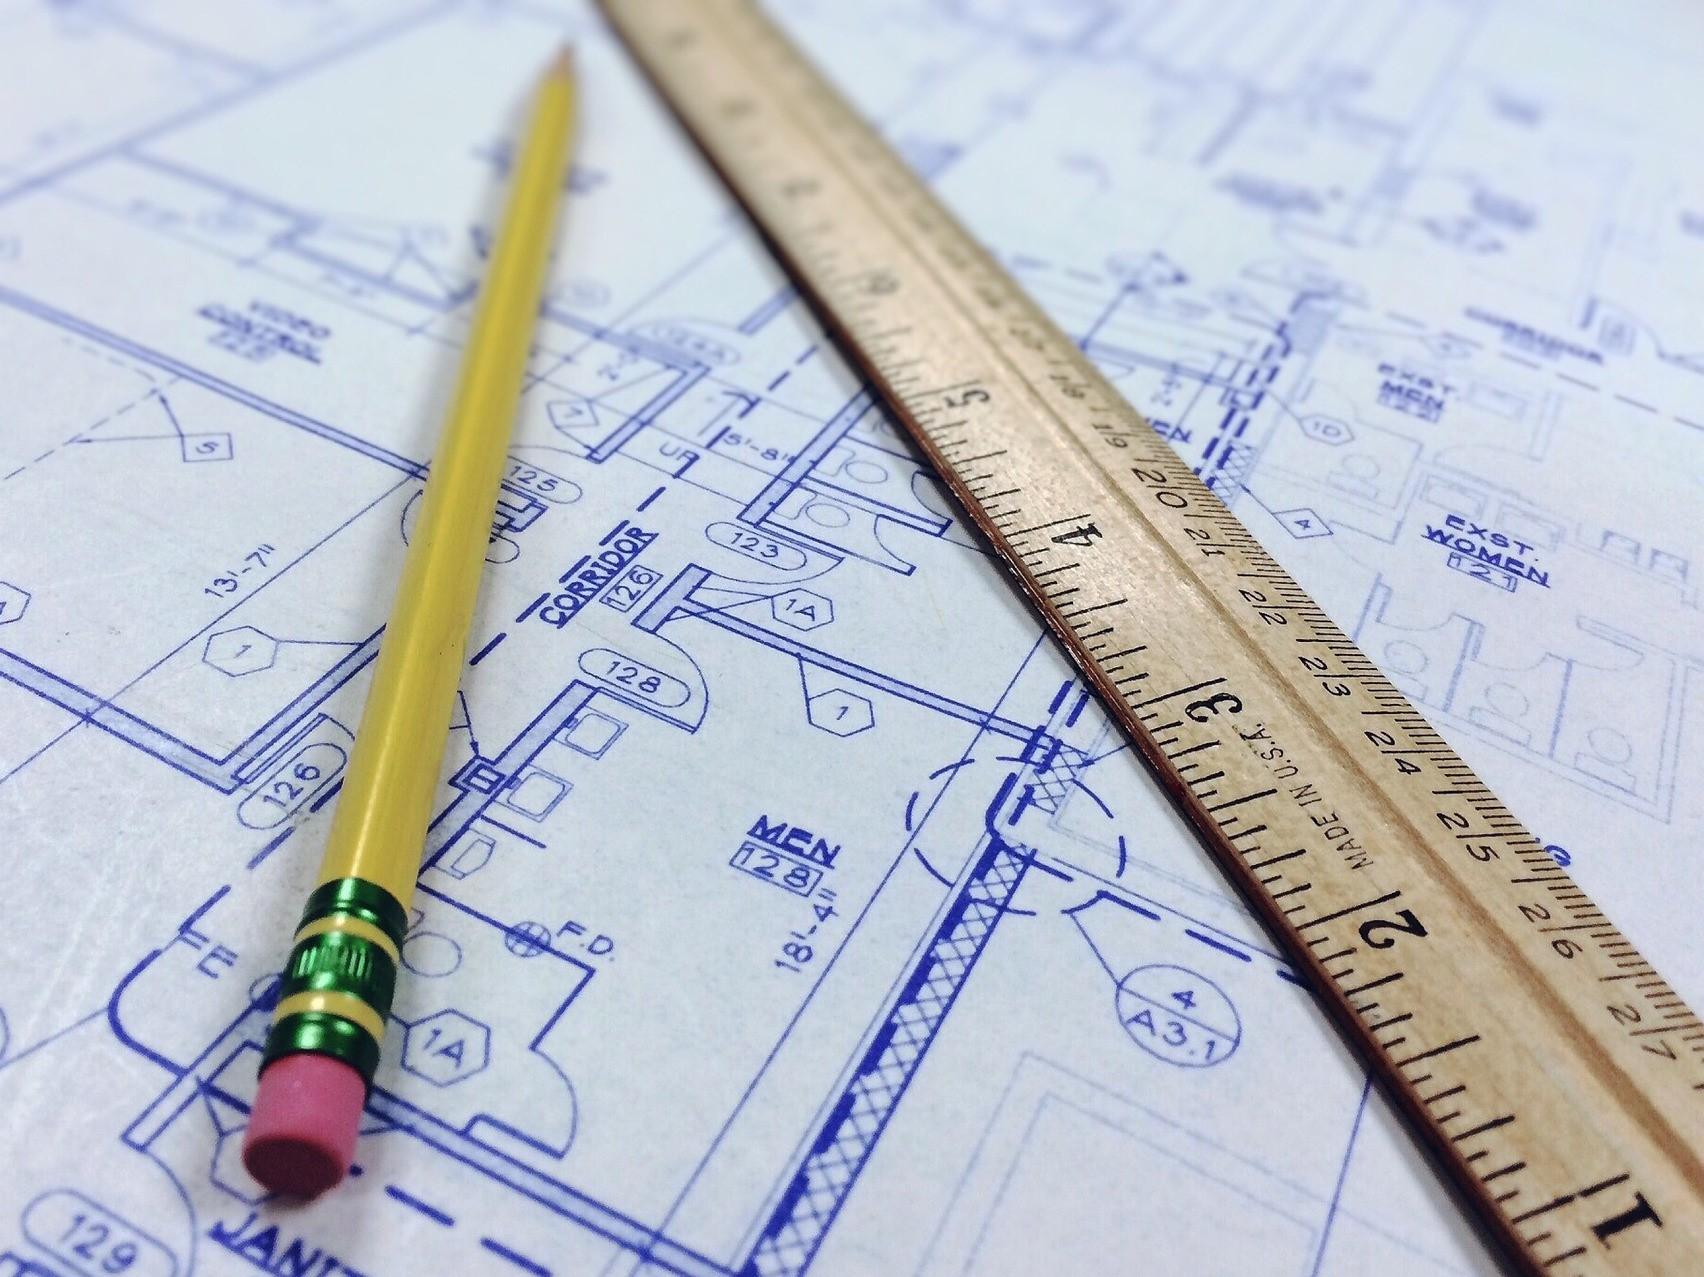 Co vše může dělat stavební inženýr